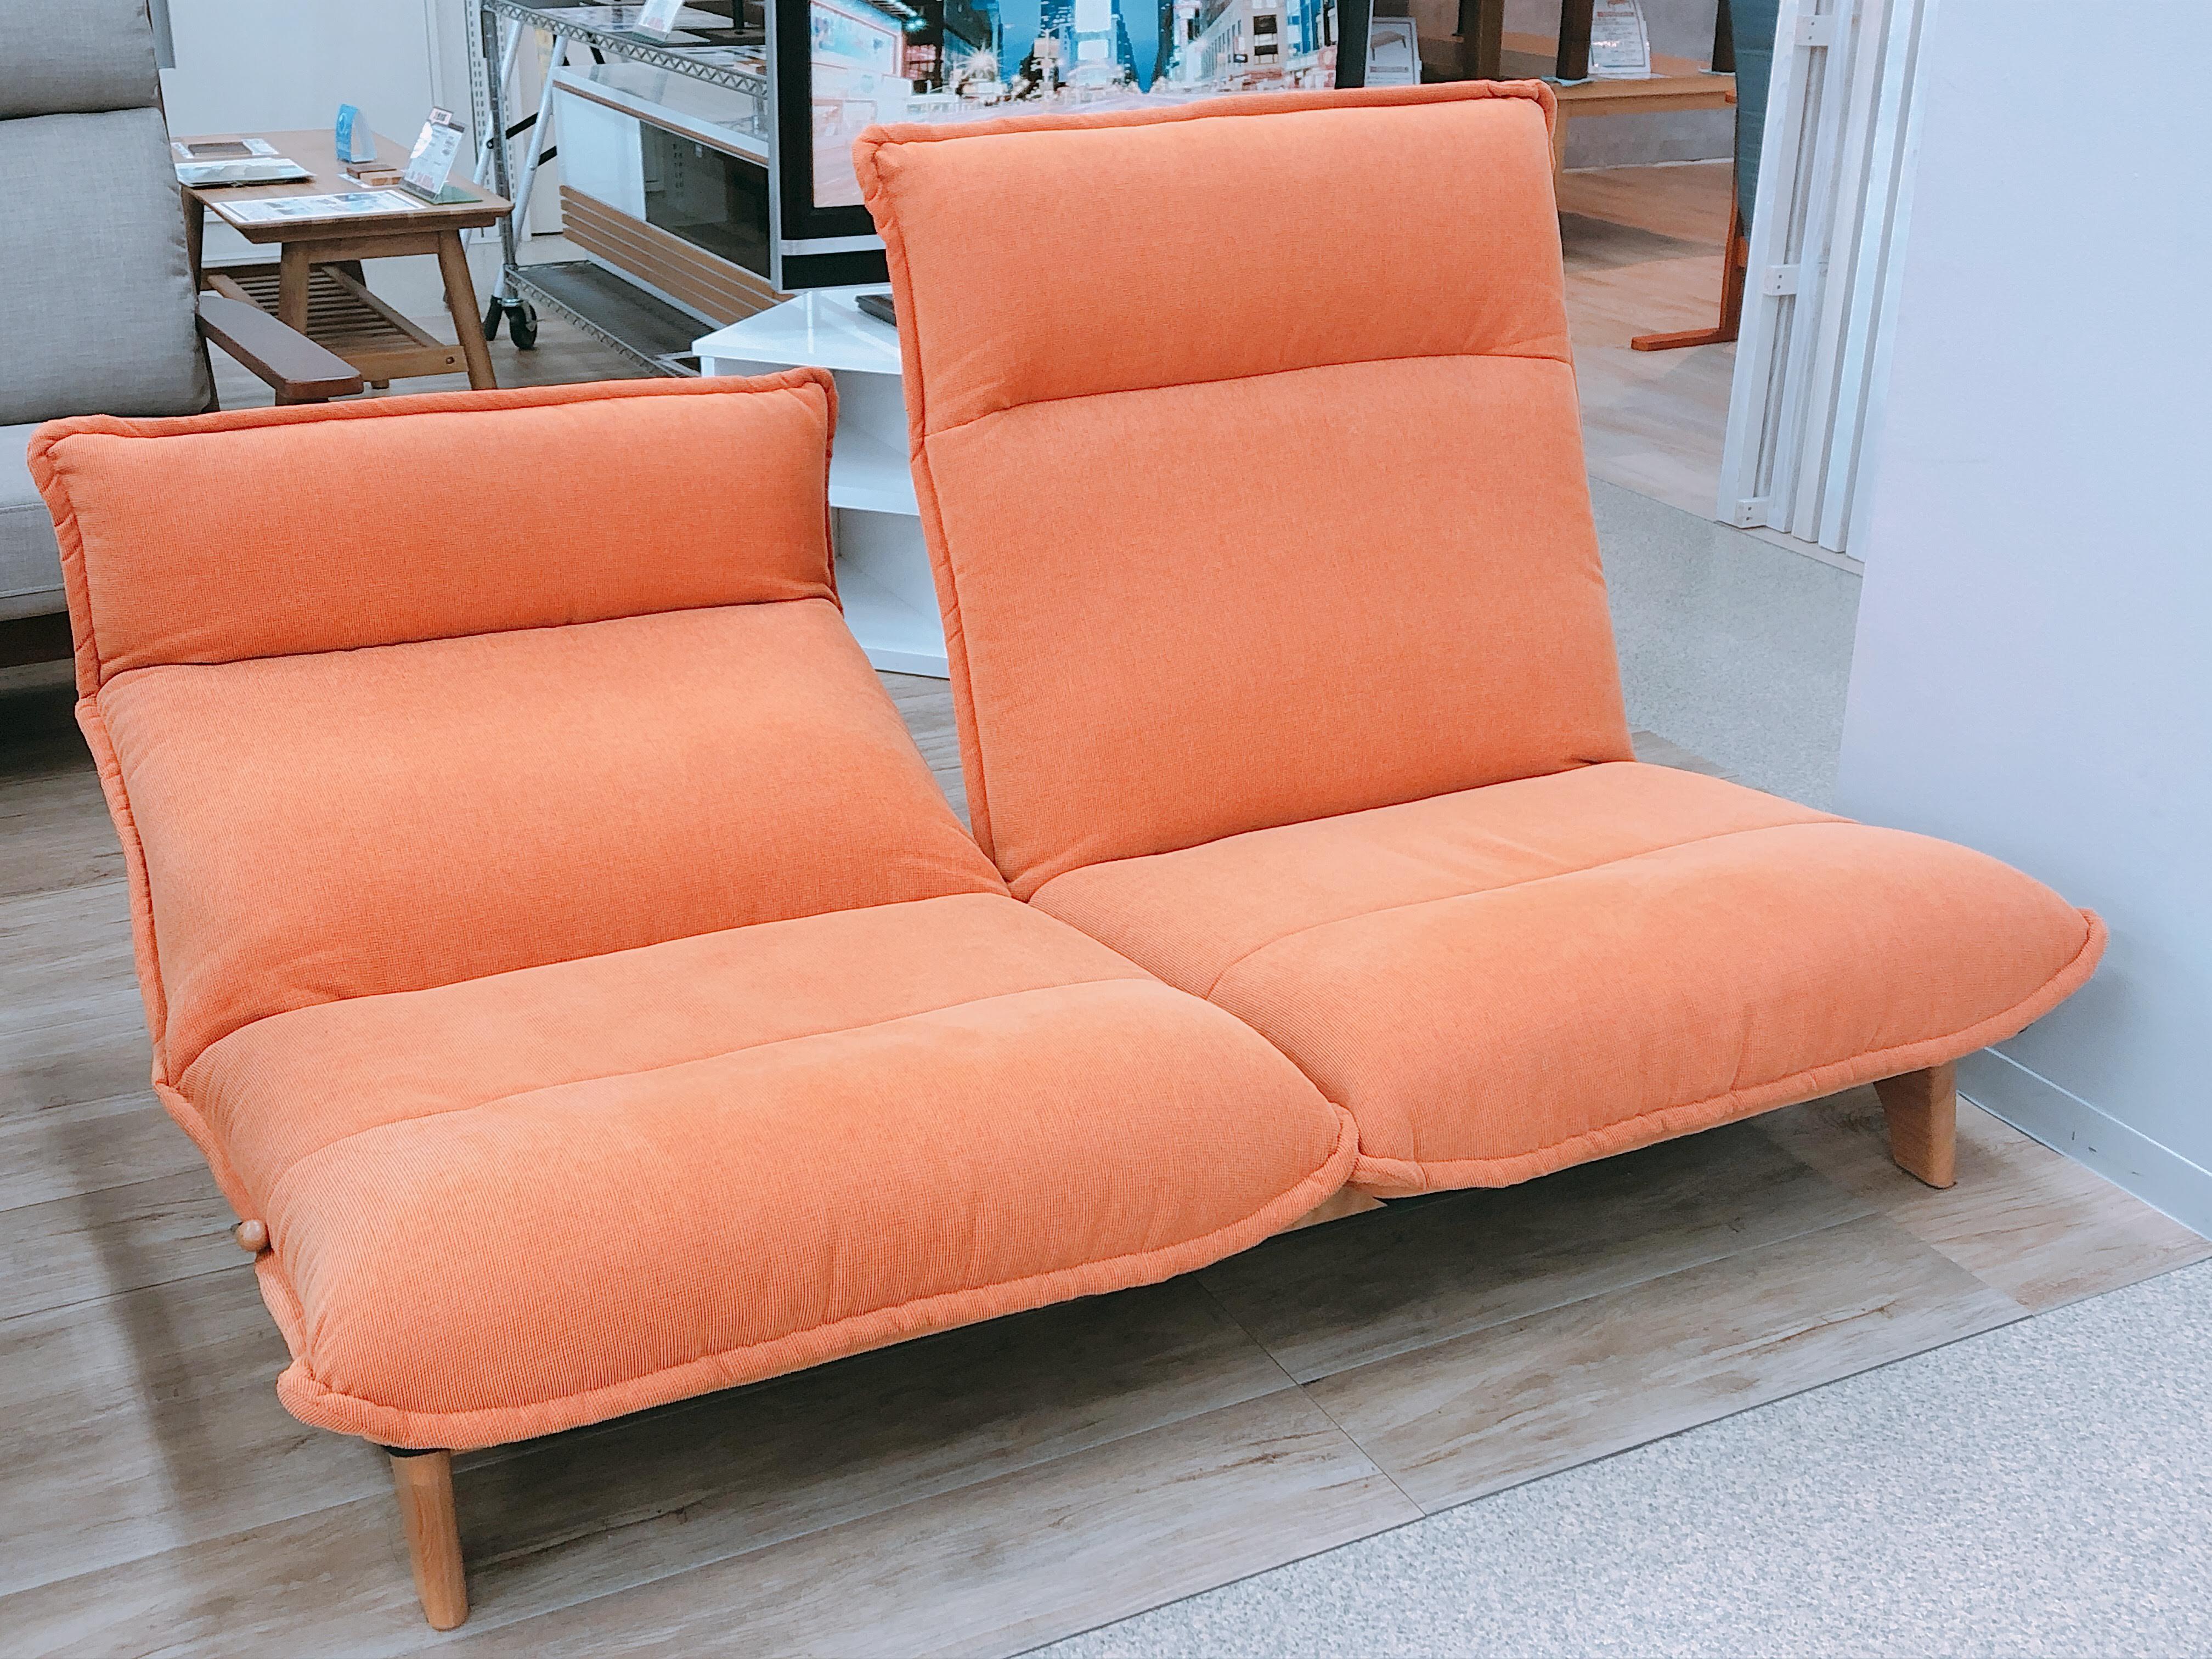 2人掛けリクライニングソファー モデルチェンジのための画像2